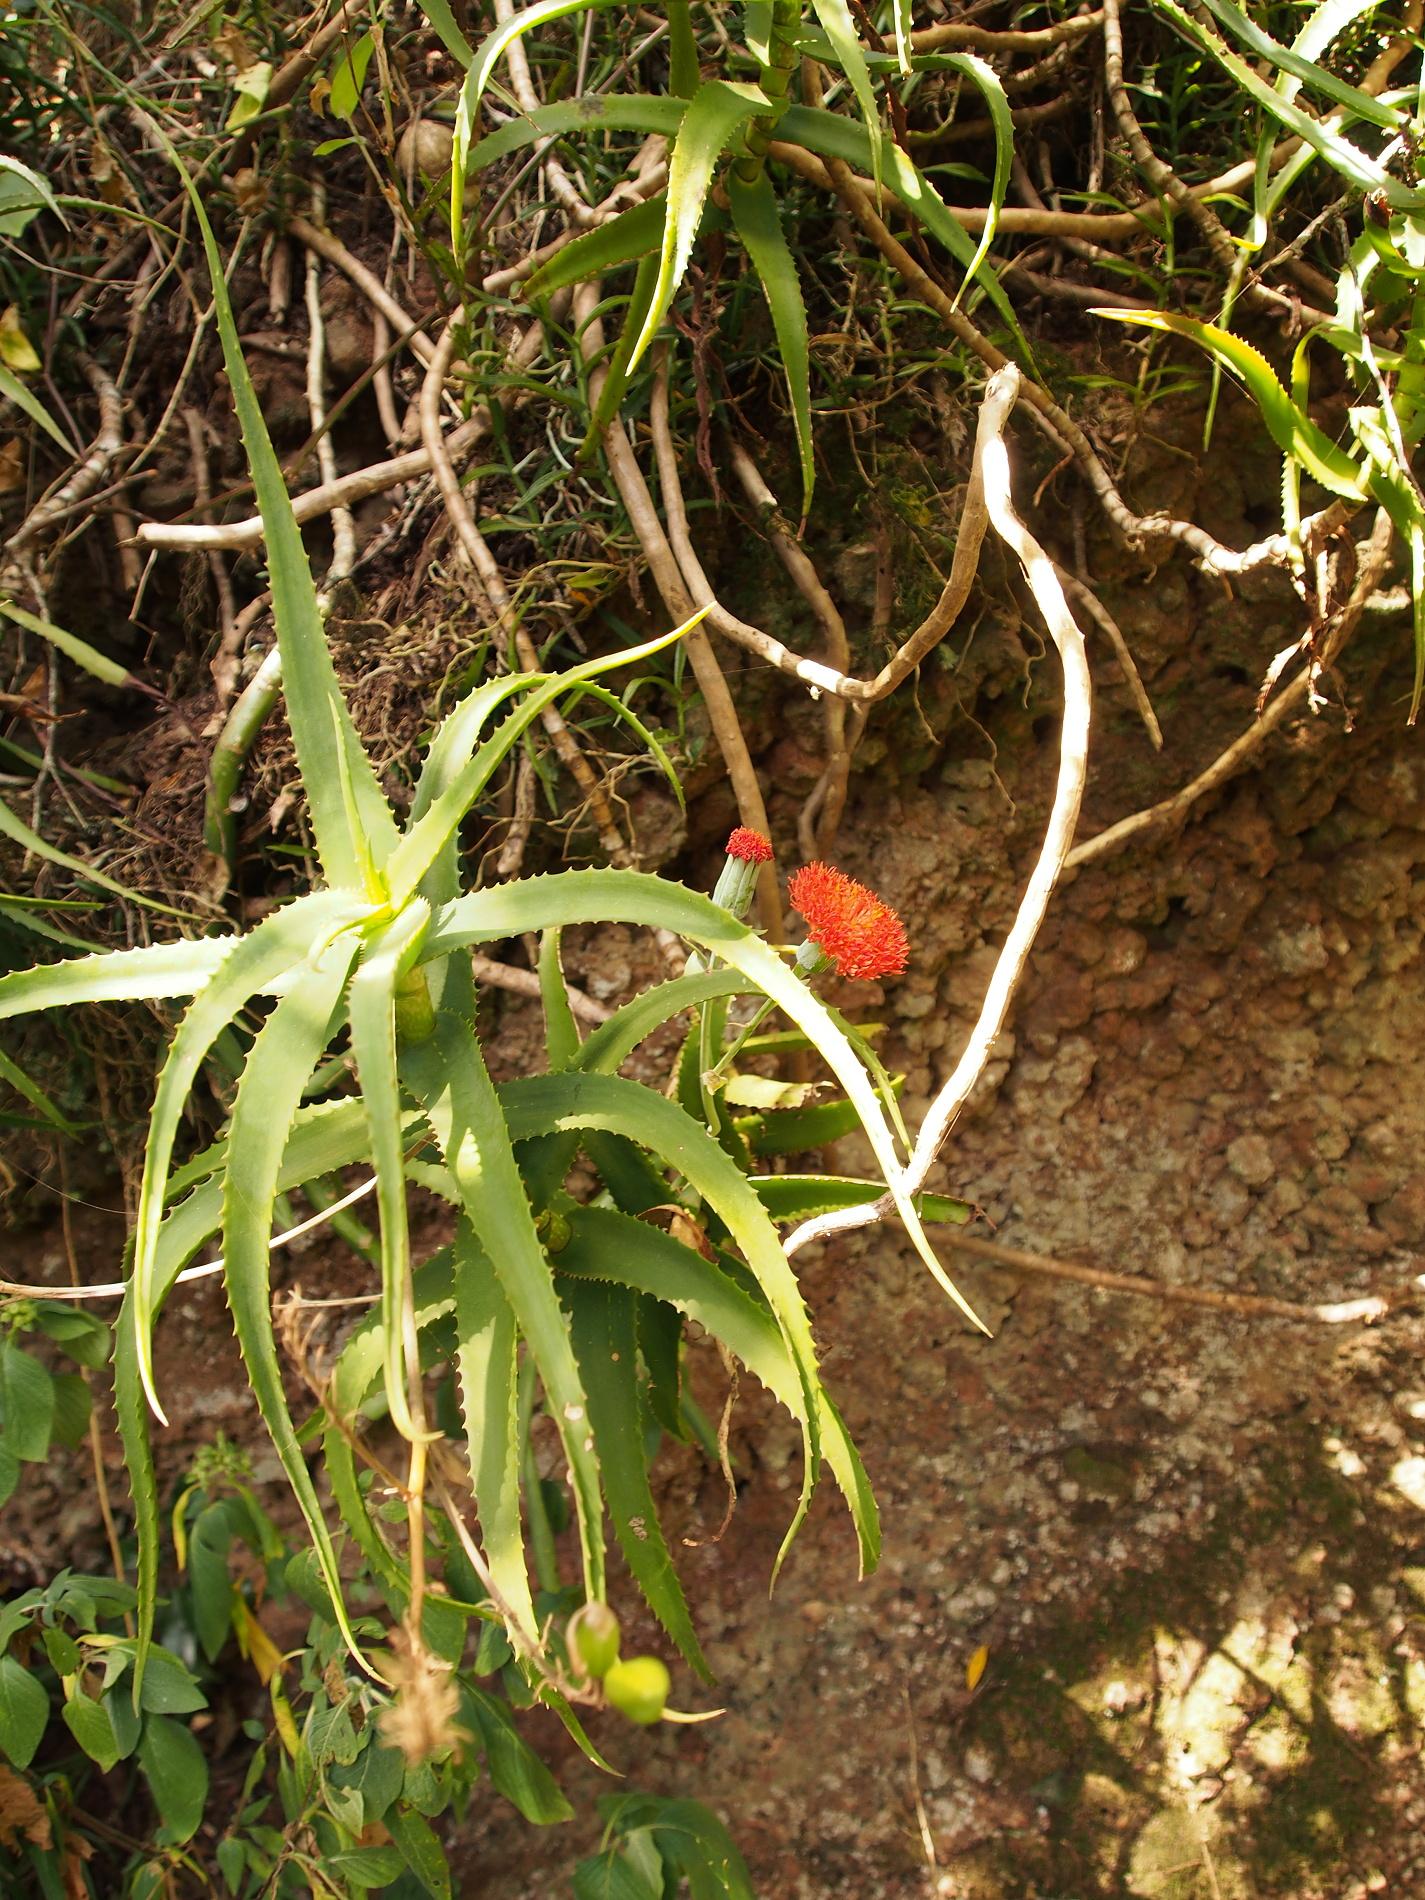 Endemické Aloe kulalensisz čeľadeživičníkovitých(Xanthorrhoeaceae).